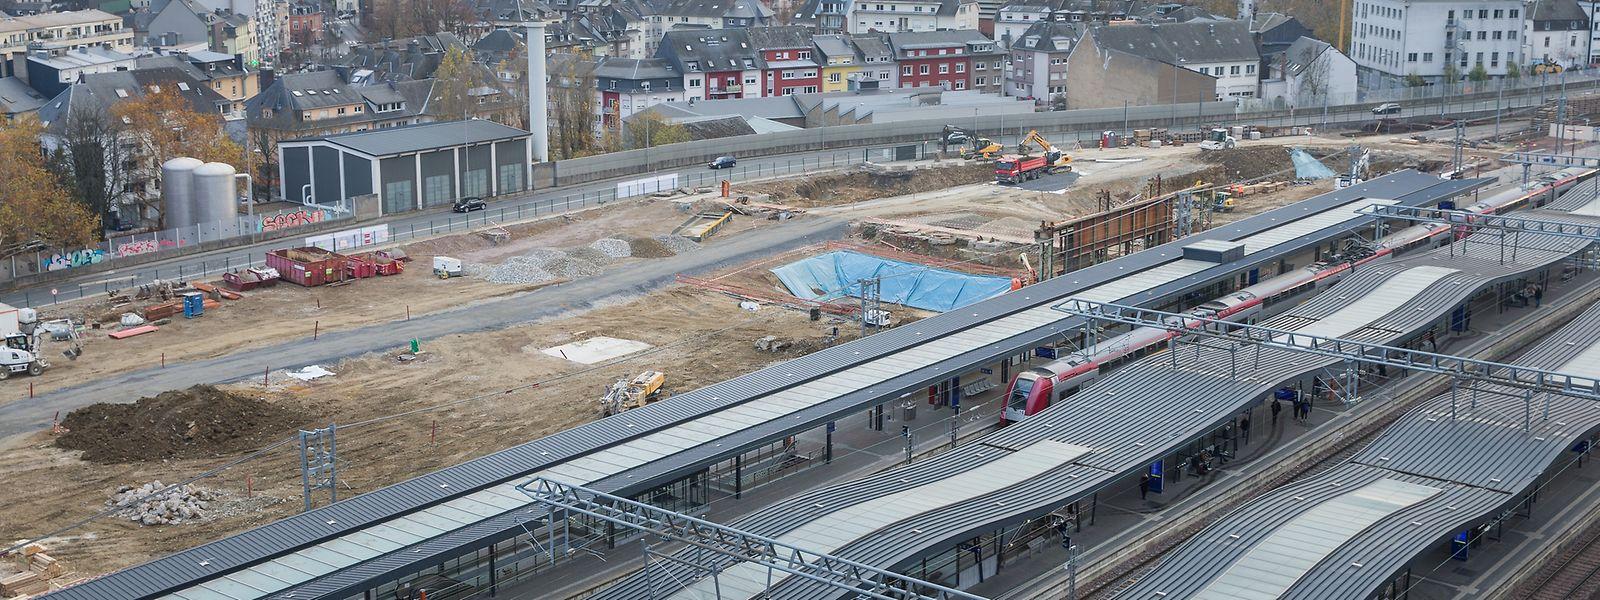 Wichtige Investition: Der Bahnhof Luxemburg wird derzeit ausgebaut.